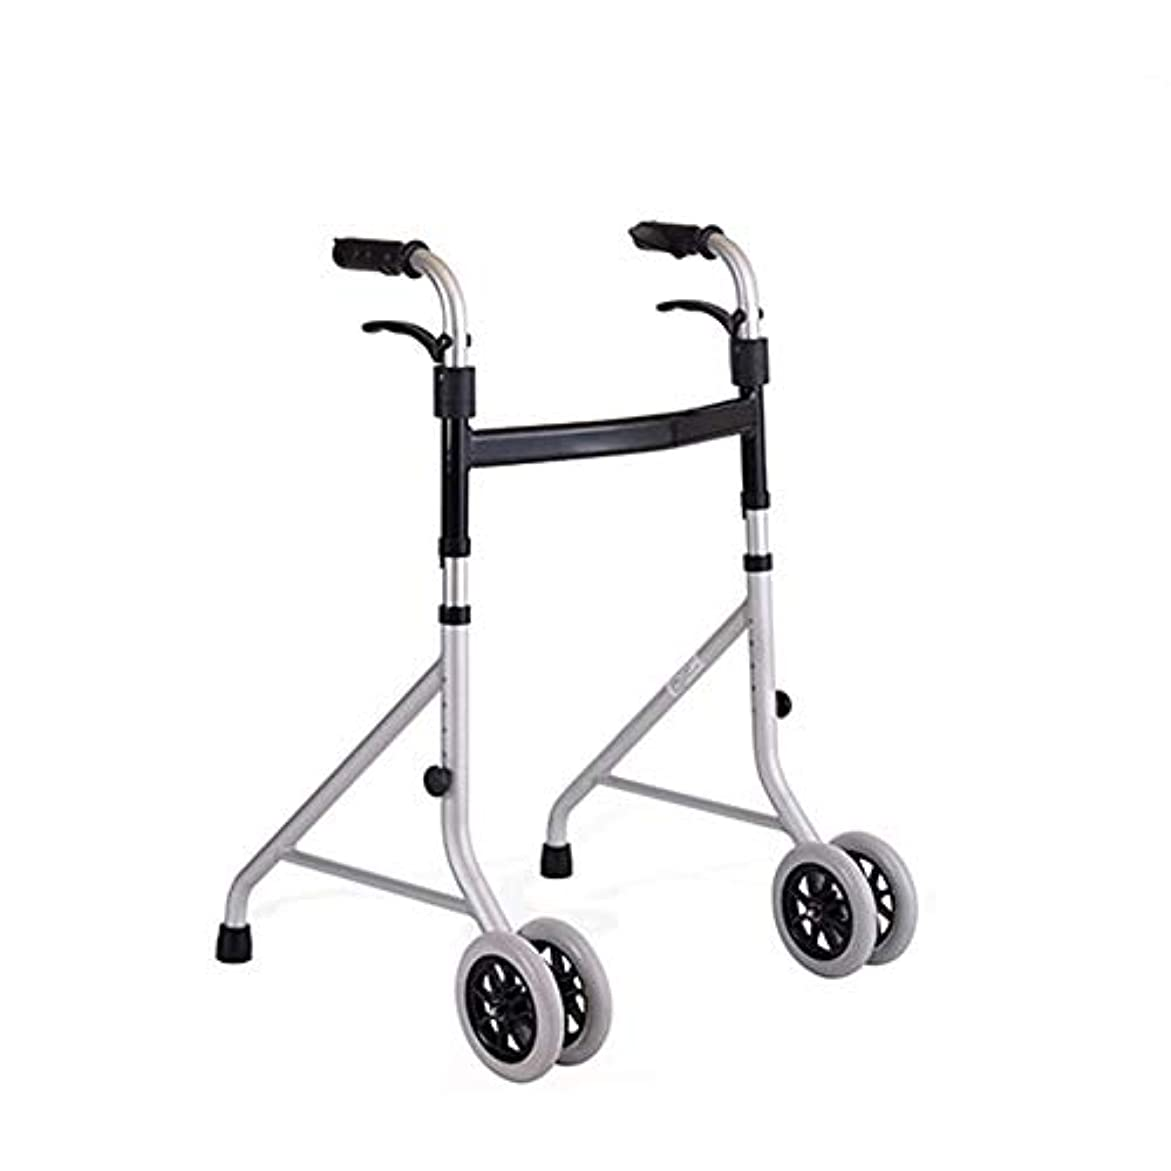 ふけるビデオ環境に優しい折りたたみ式軽量アルミニウム歩行フレーム/ジマー/ 4車輪付き歩行器-高さ調節可能 (Color : Gray)